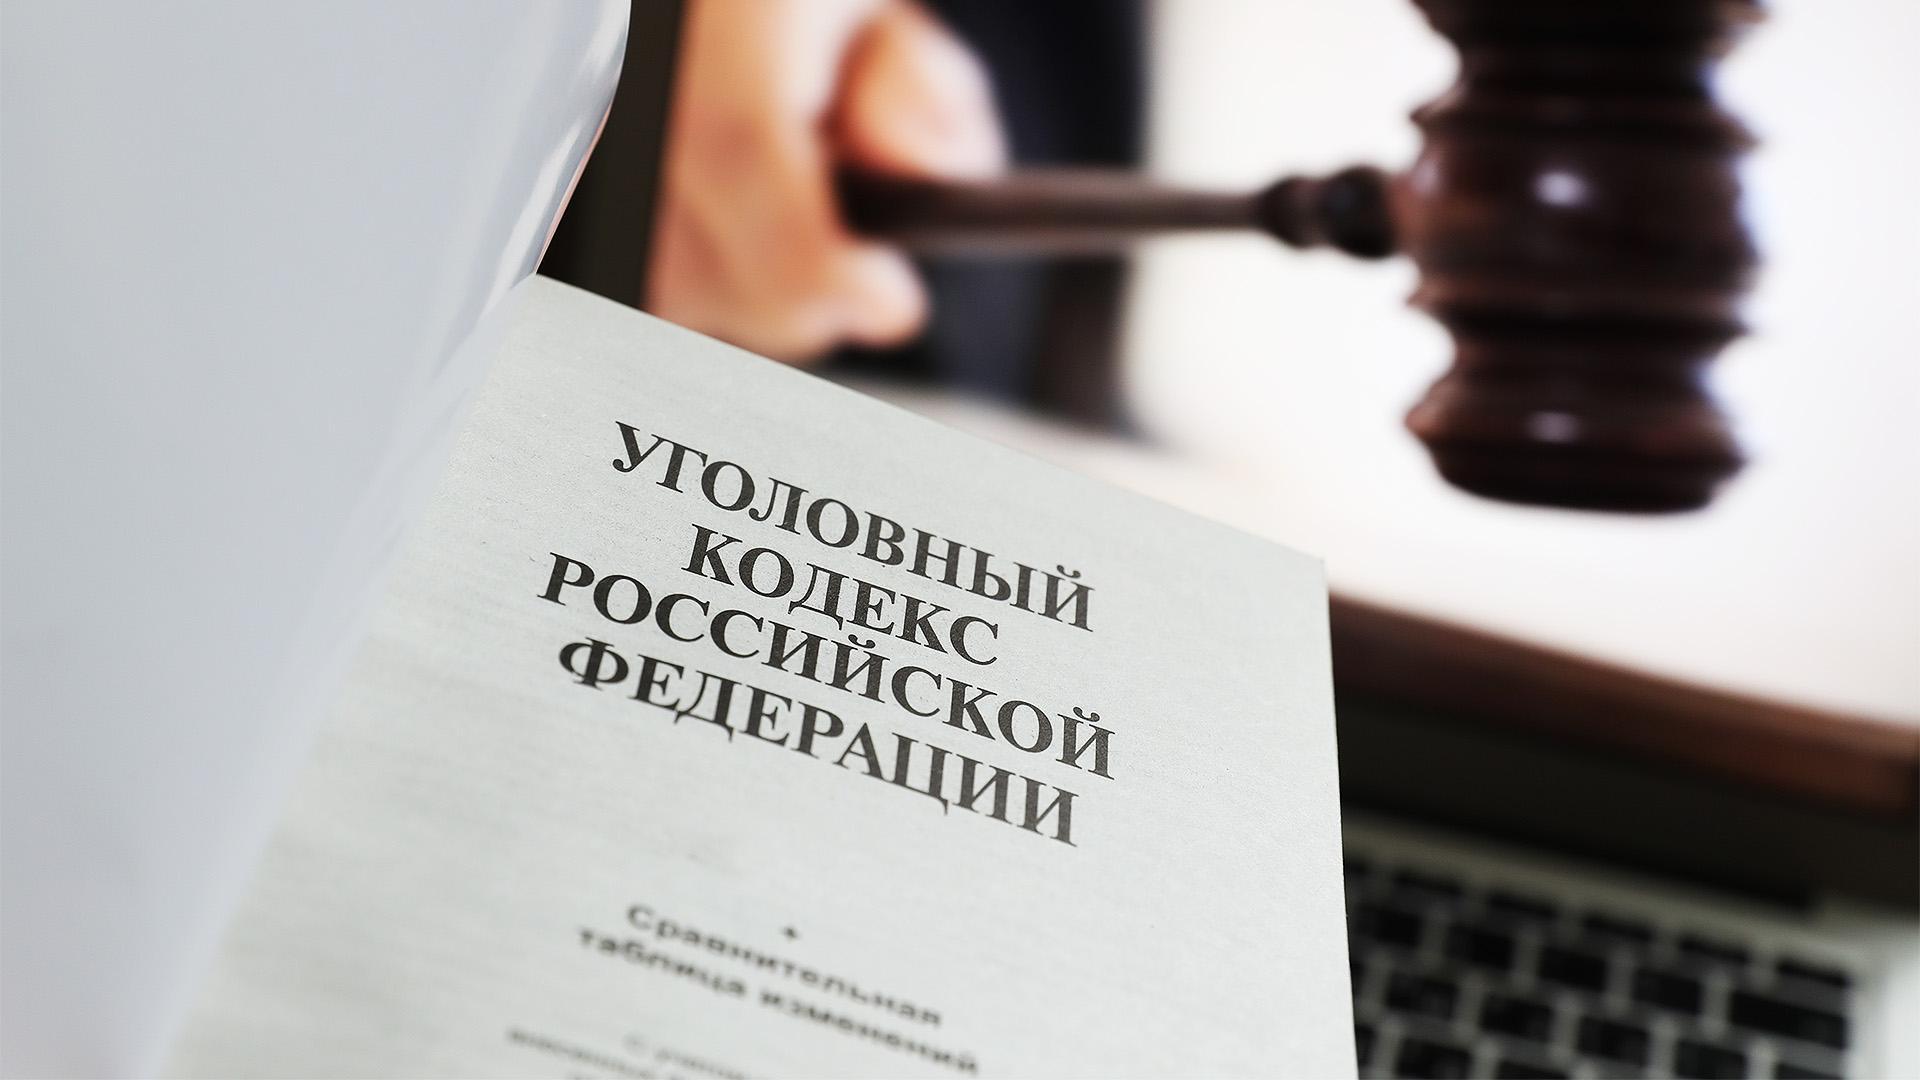 Уголовная ответственность – смягчающие и исключающие обстоятельства, принципы, наказание, сроки давности